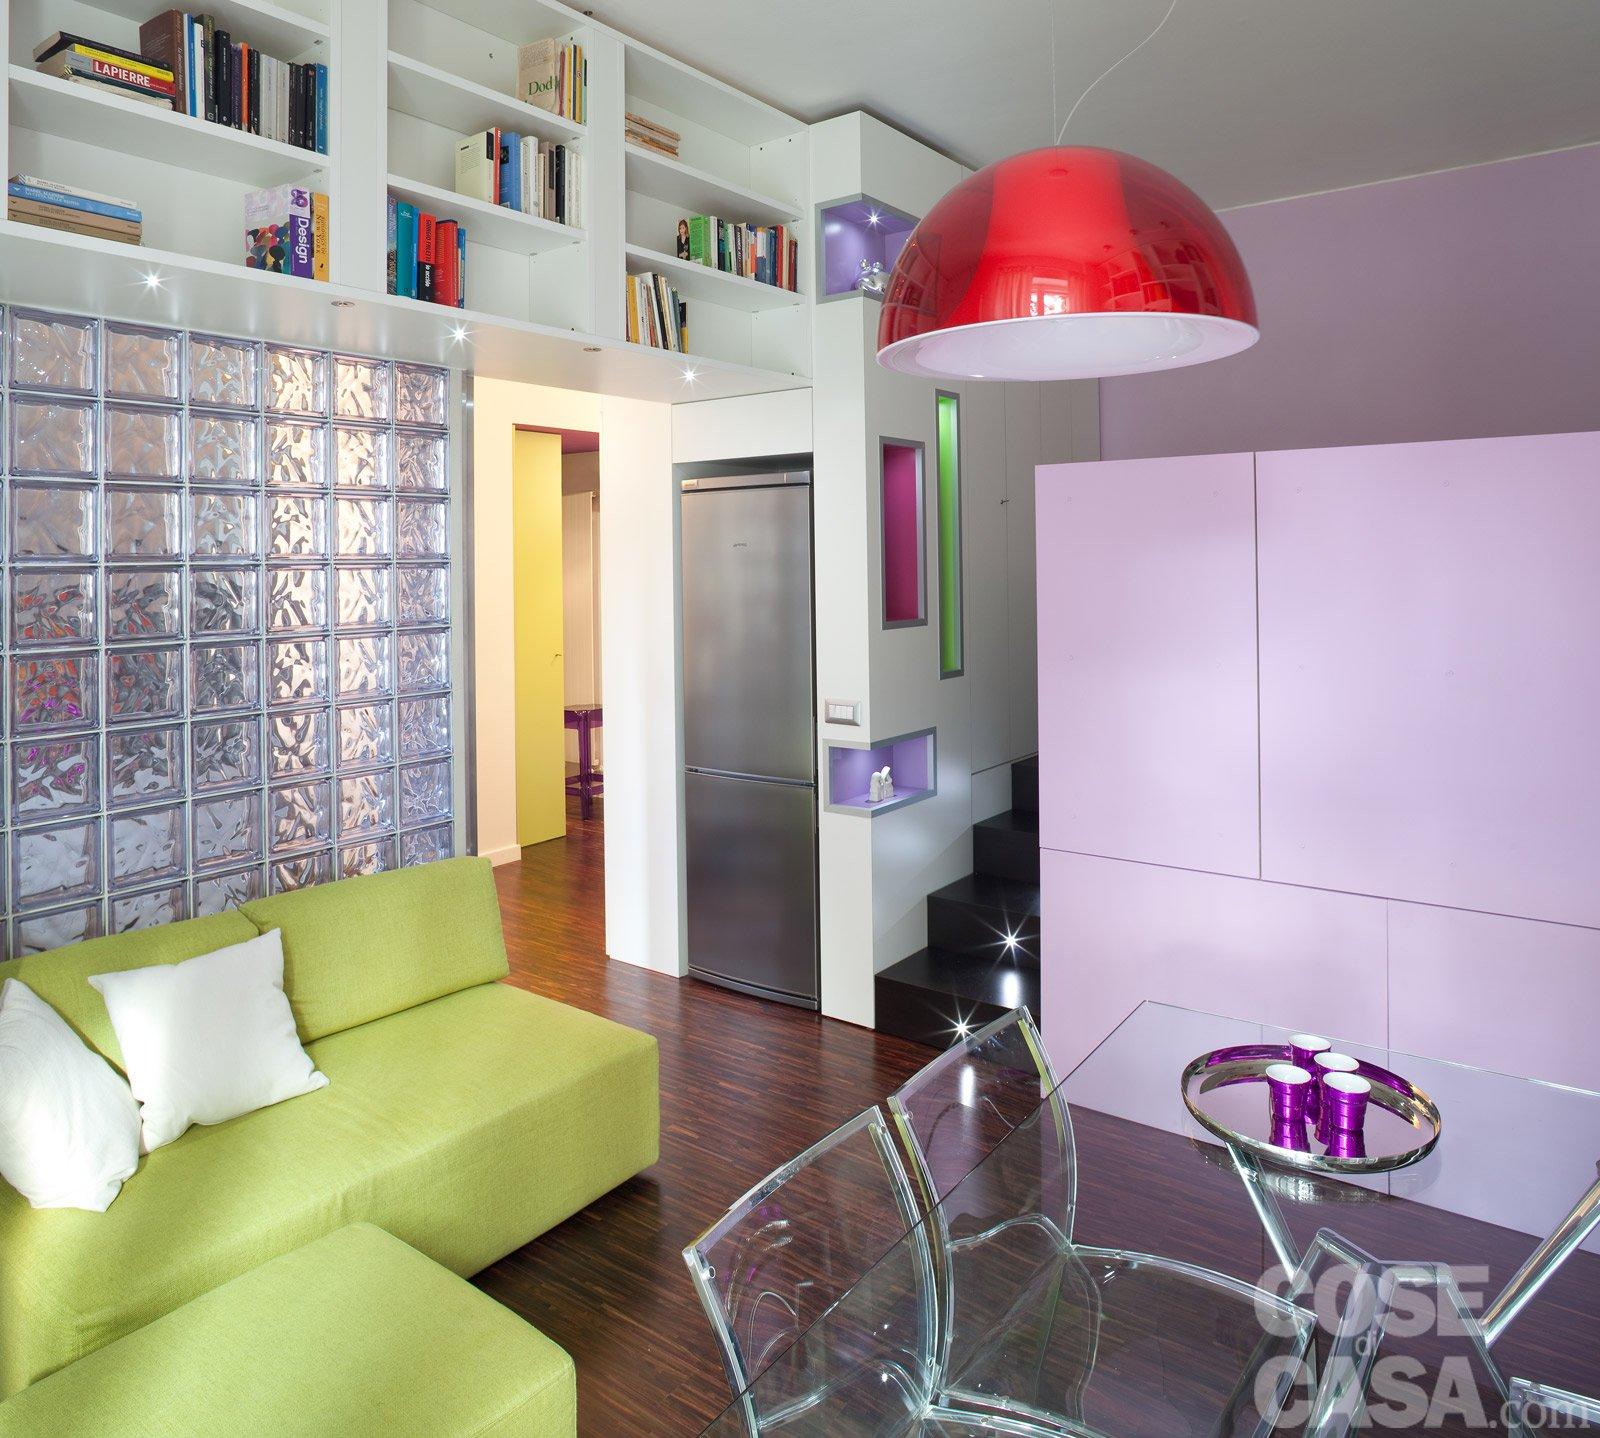 Una Casa Di 40 Mq: Monolocale Con Cucina Separata Cose Di Casa #898F3C 1600 1438 Come Arredare Una Cucina Soggiorno Di 40 Mq